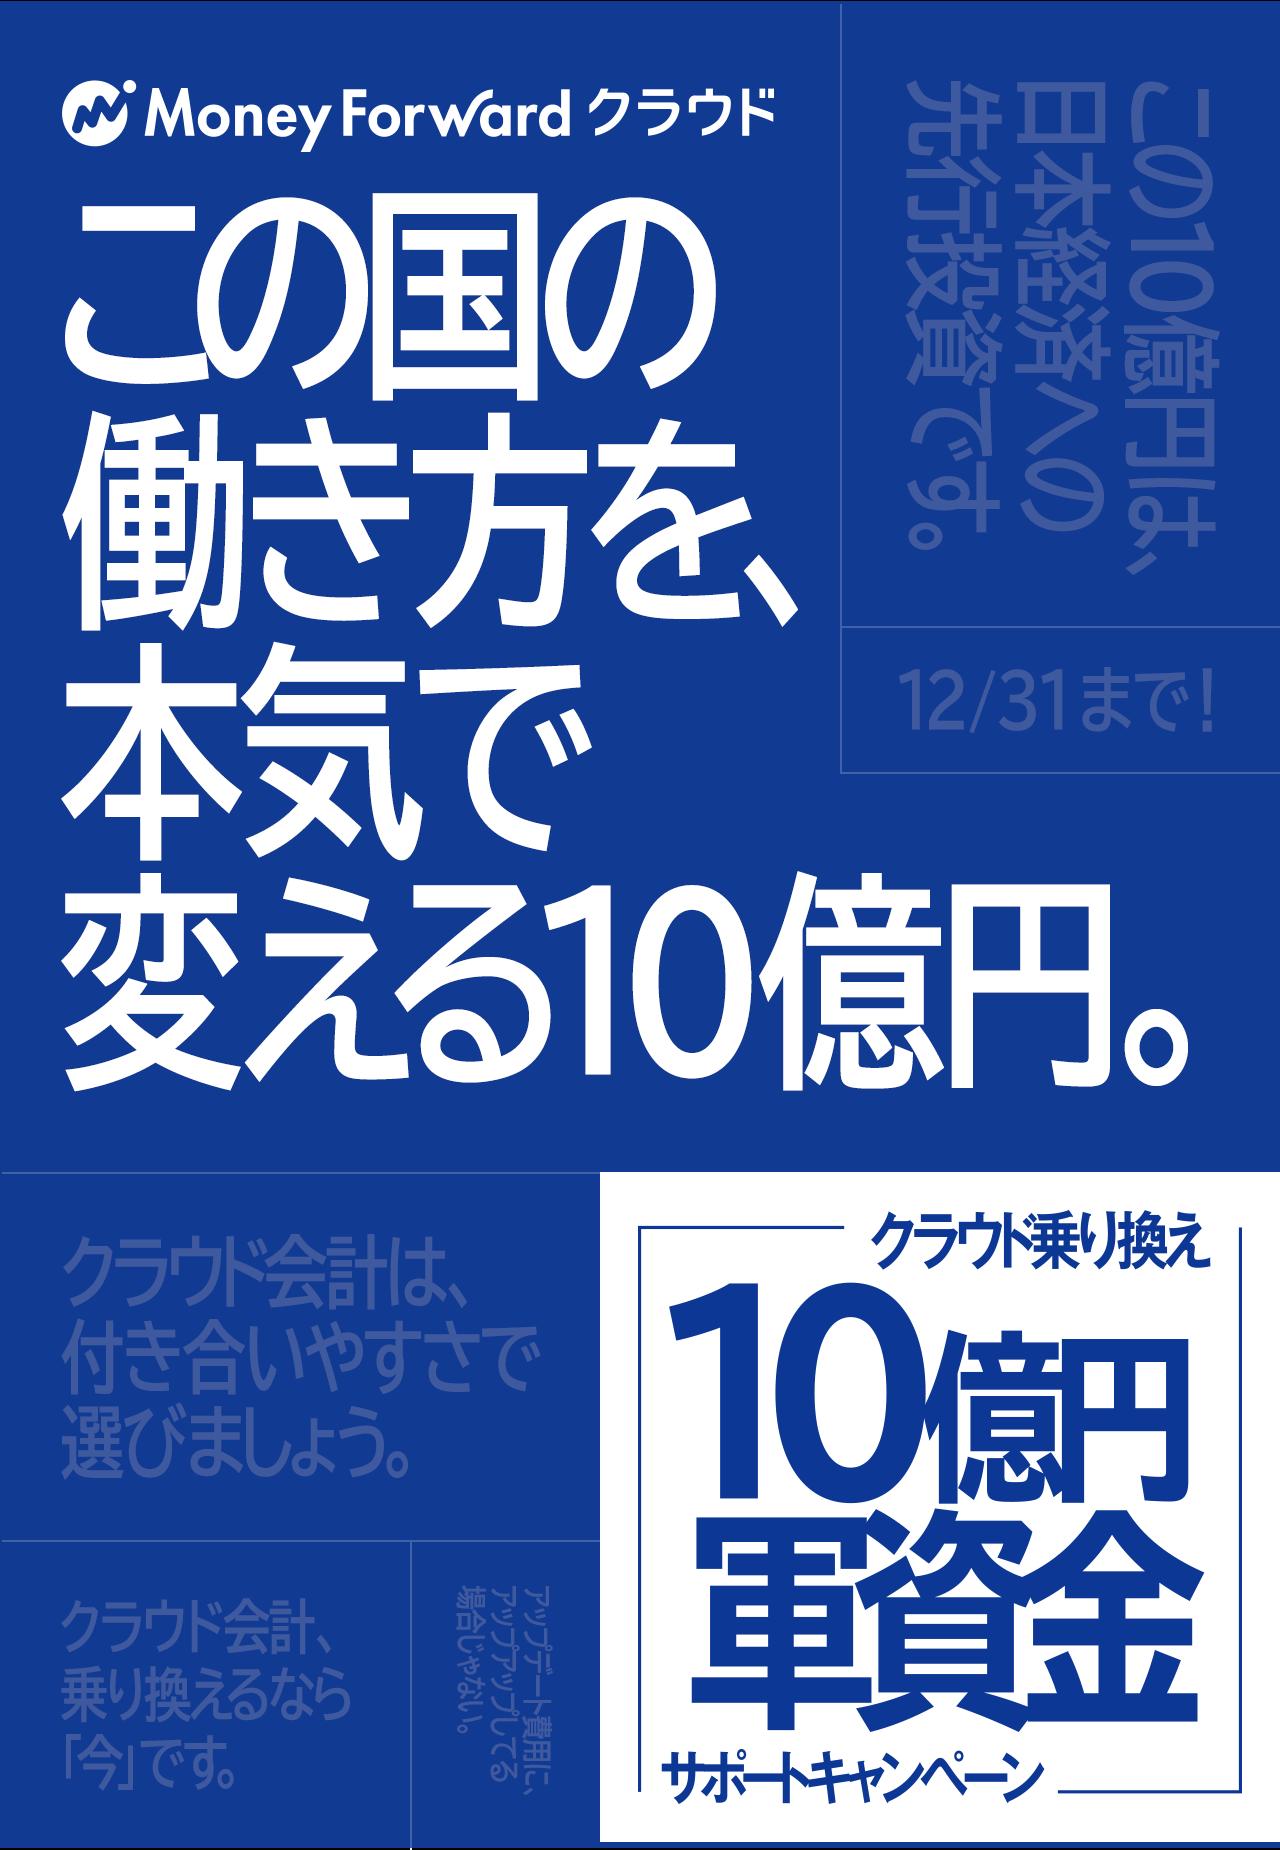 【期間延長】この国の働き方を、本気で変える10億円。10億円軍資金キャンペーン